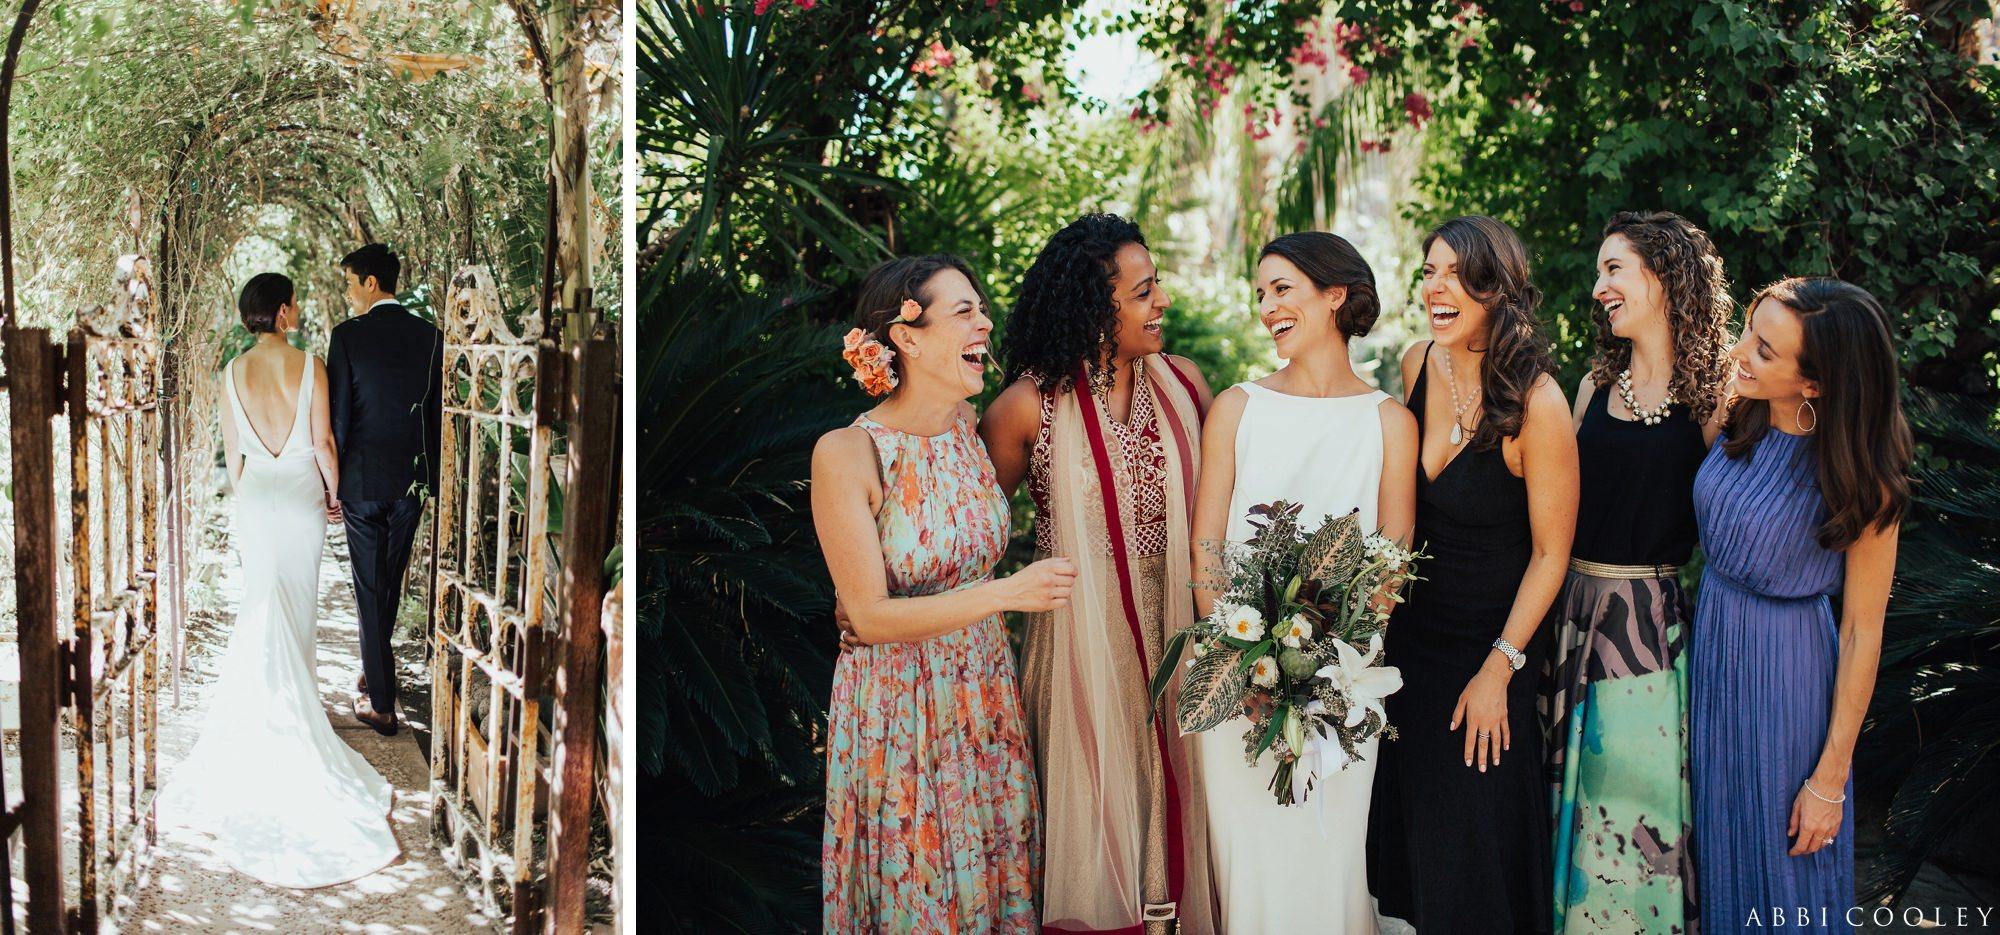 mix and match bridesmaids dresses Casa de Monte Vista Palm Springs Wedding